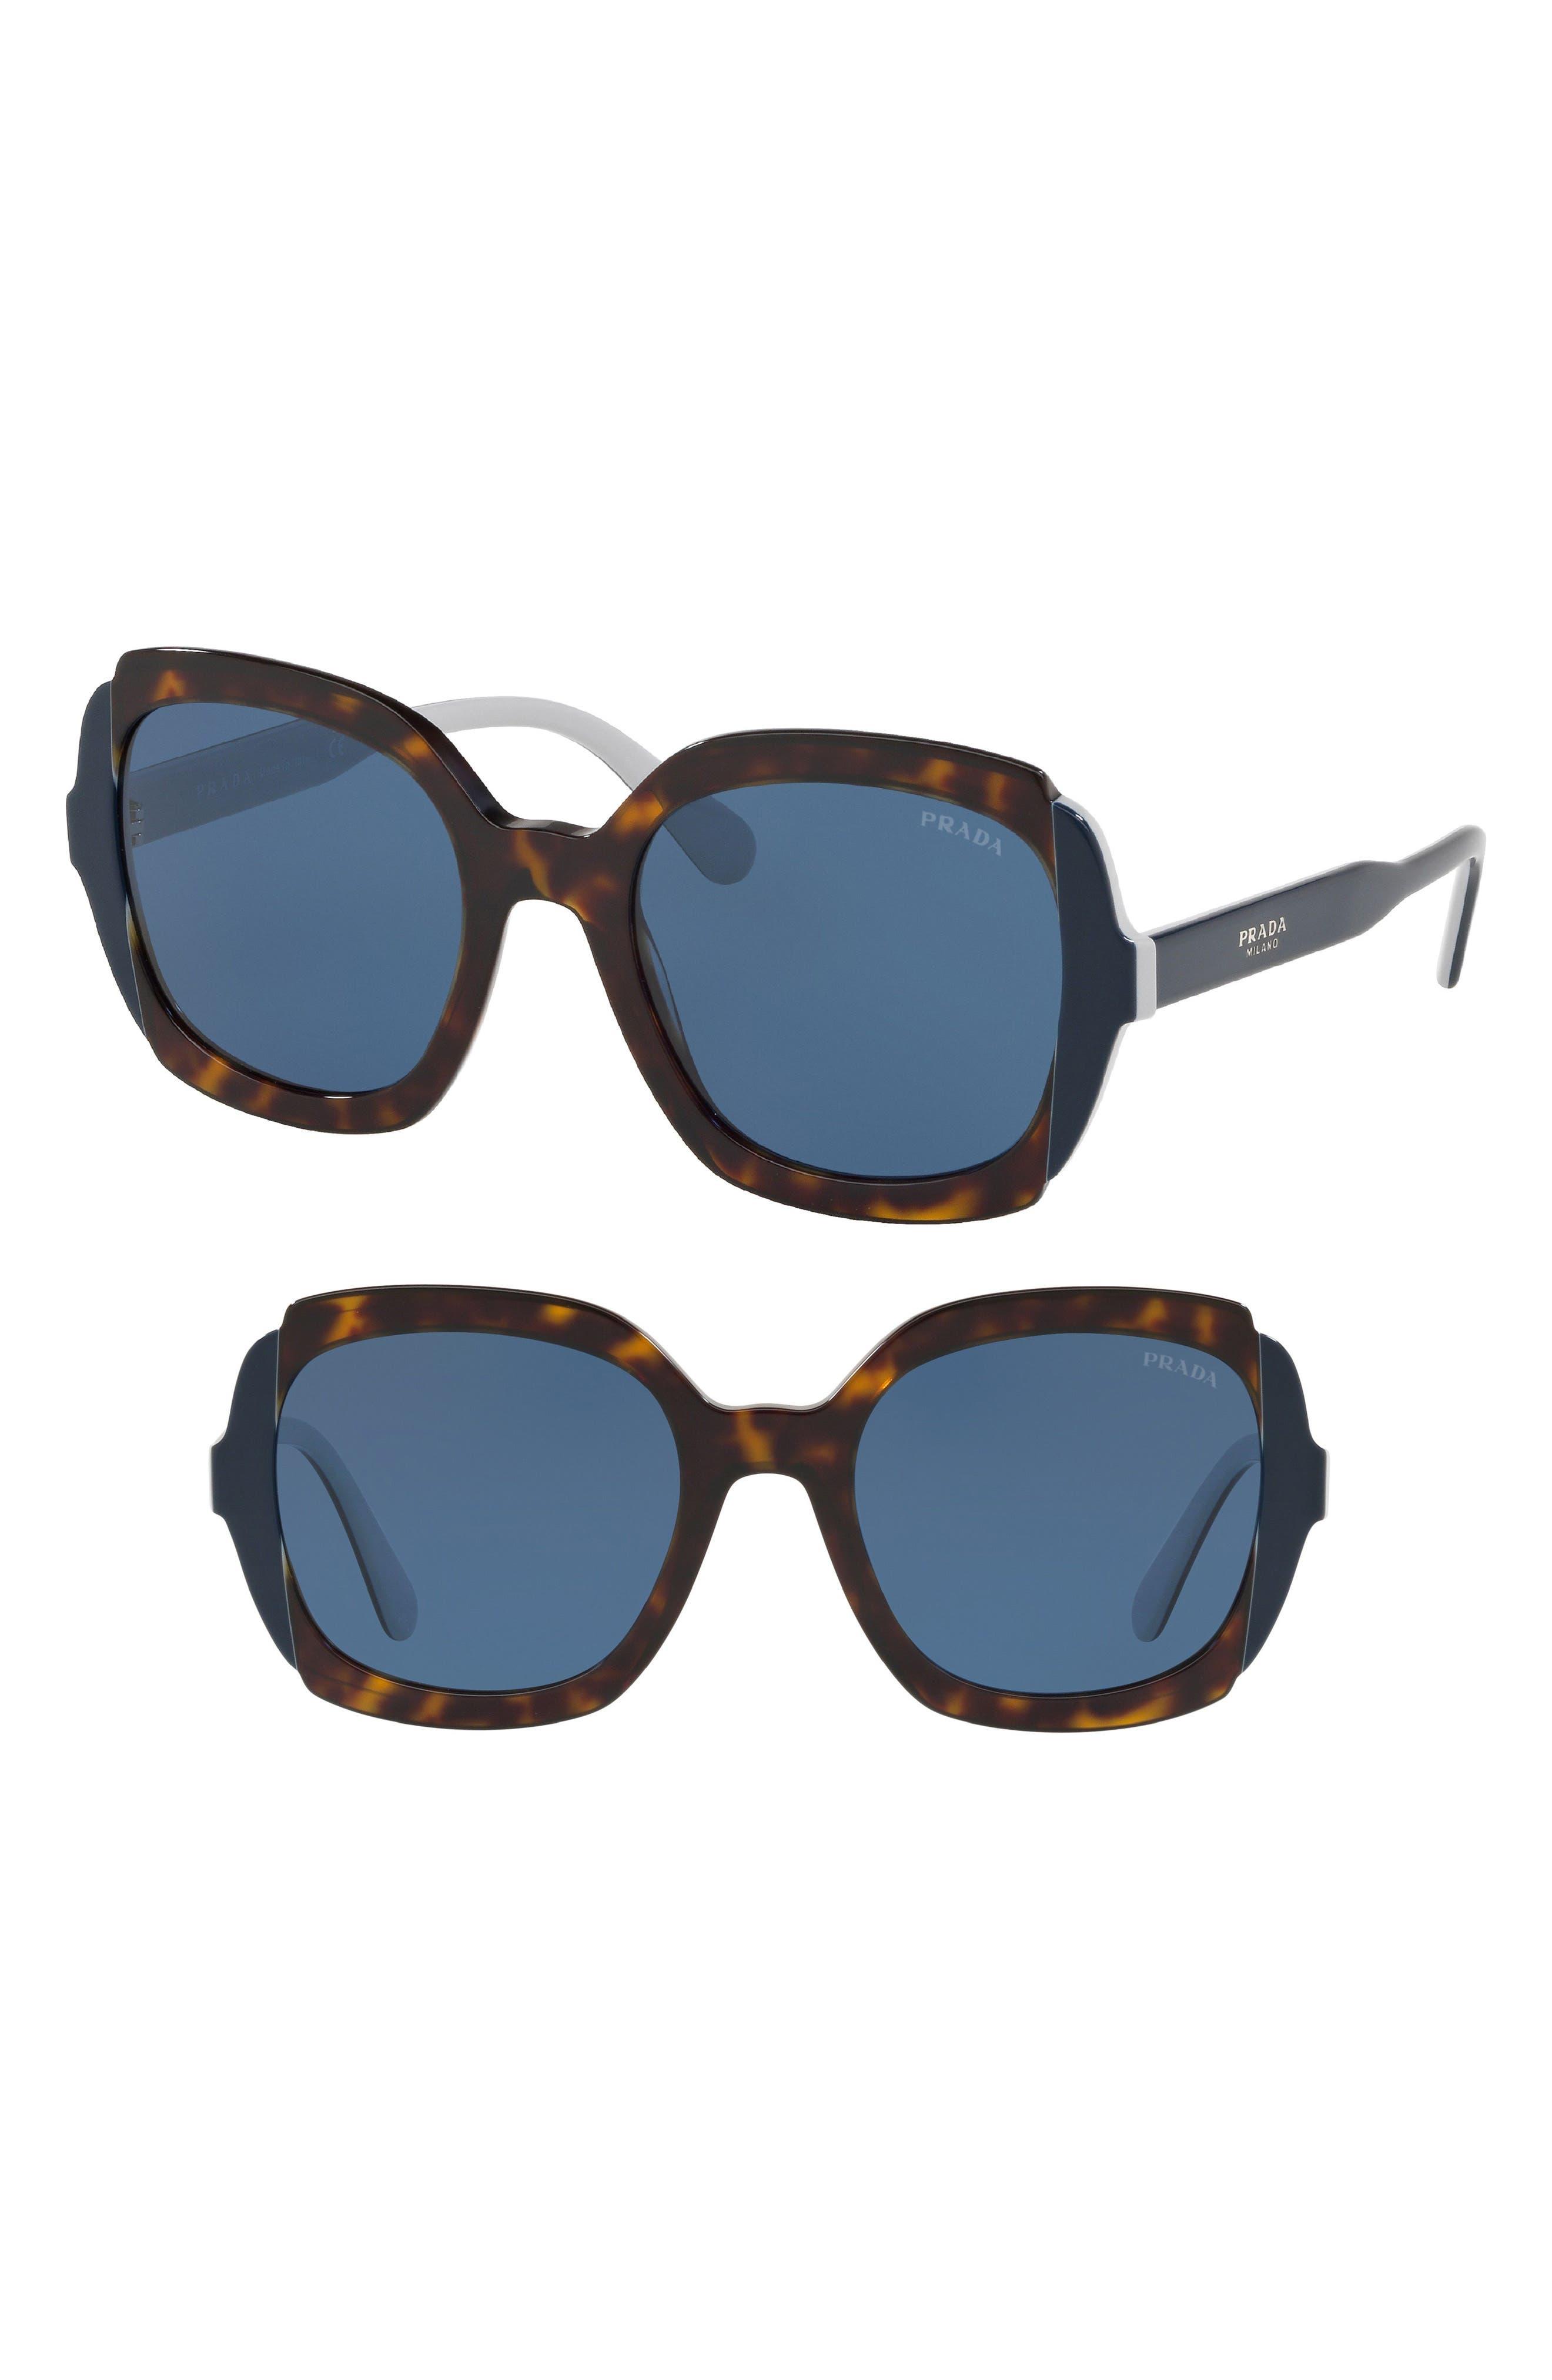 bb6def66a25a Prada Sunglasses for Women